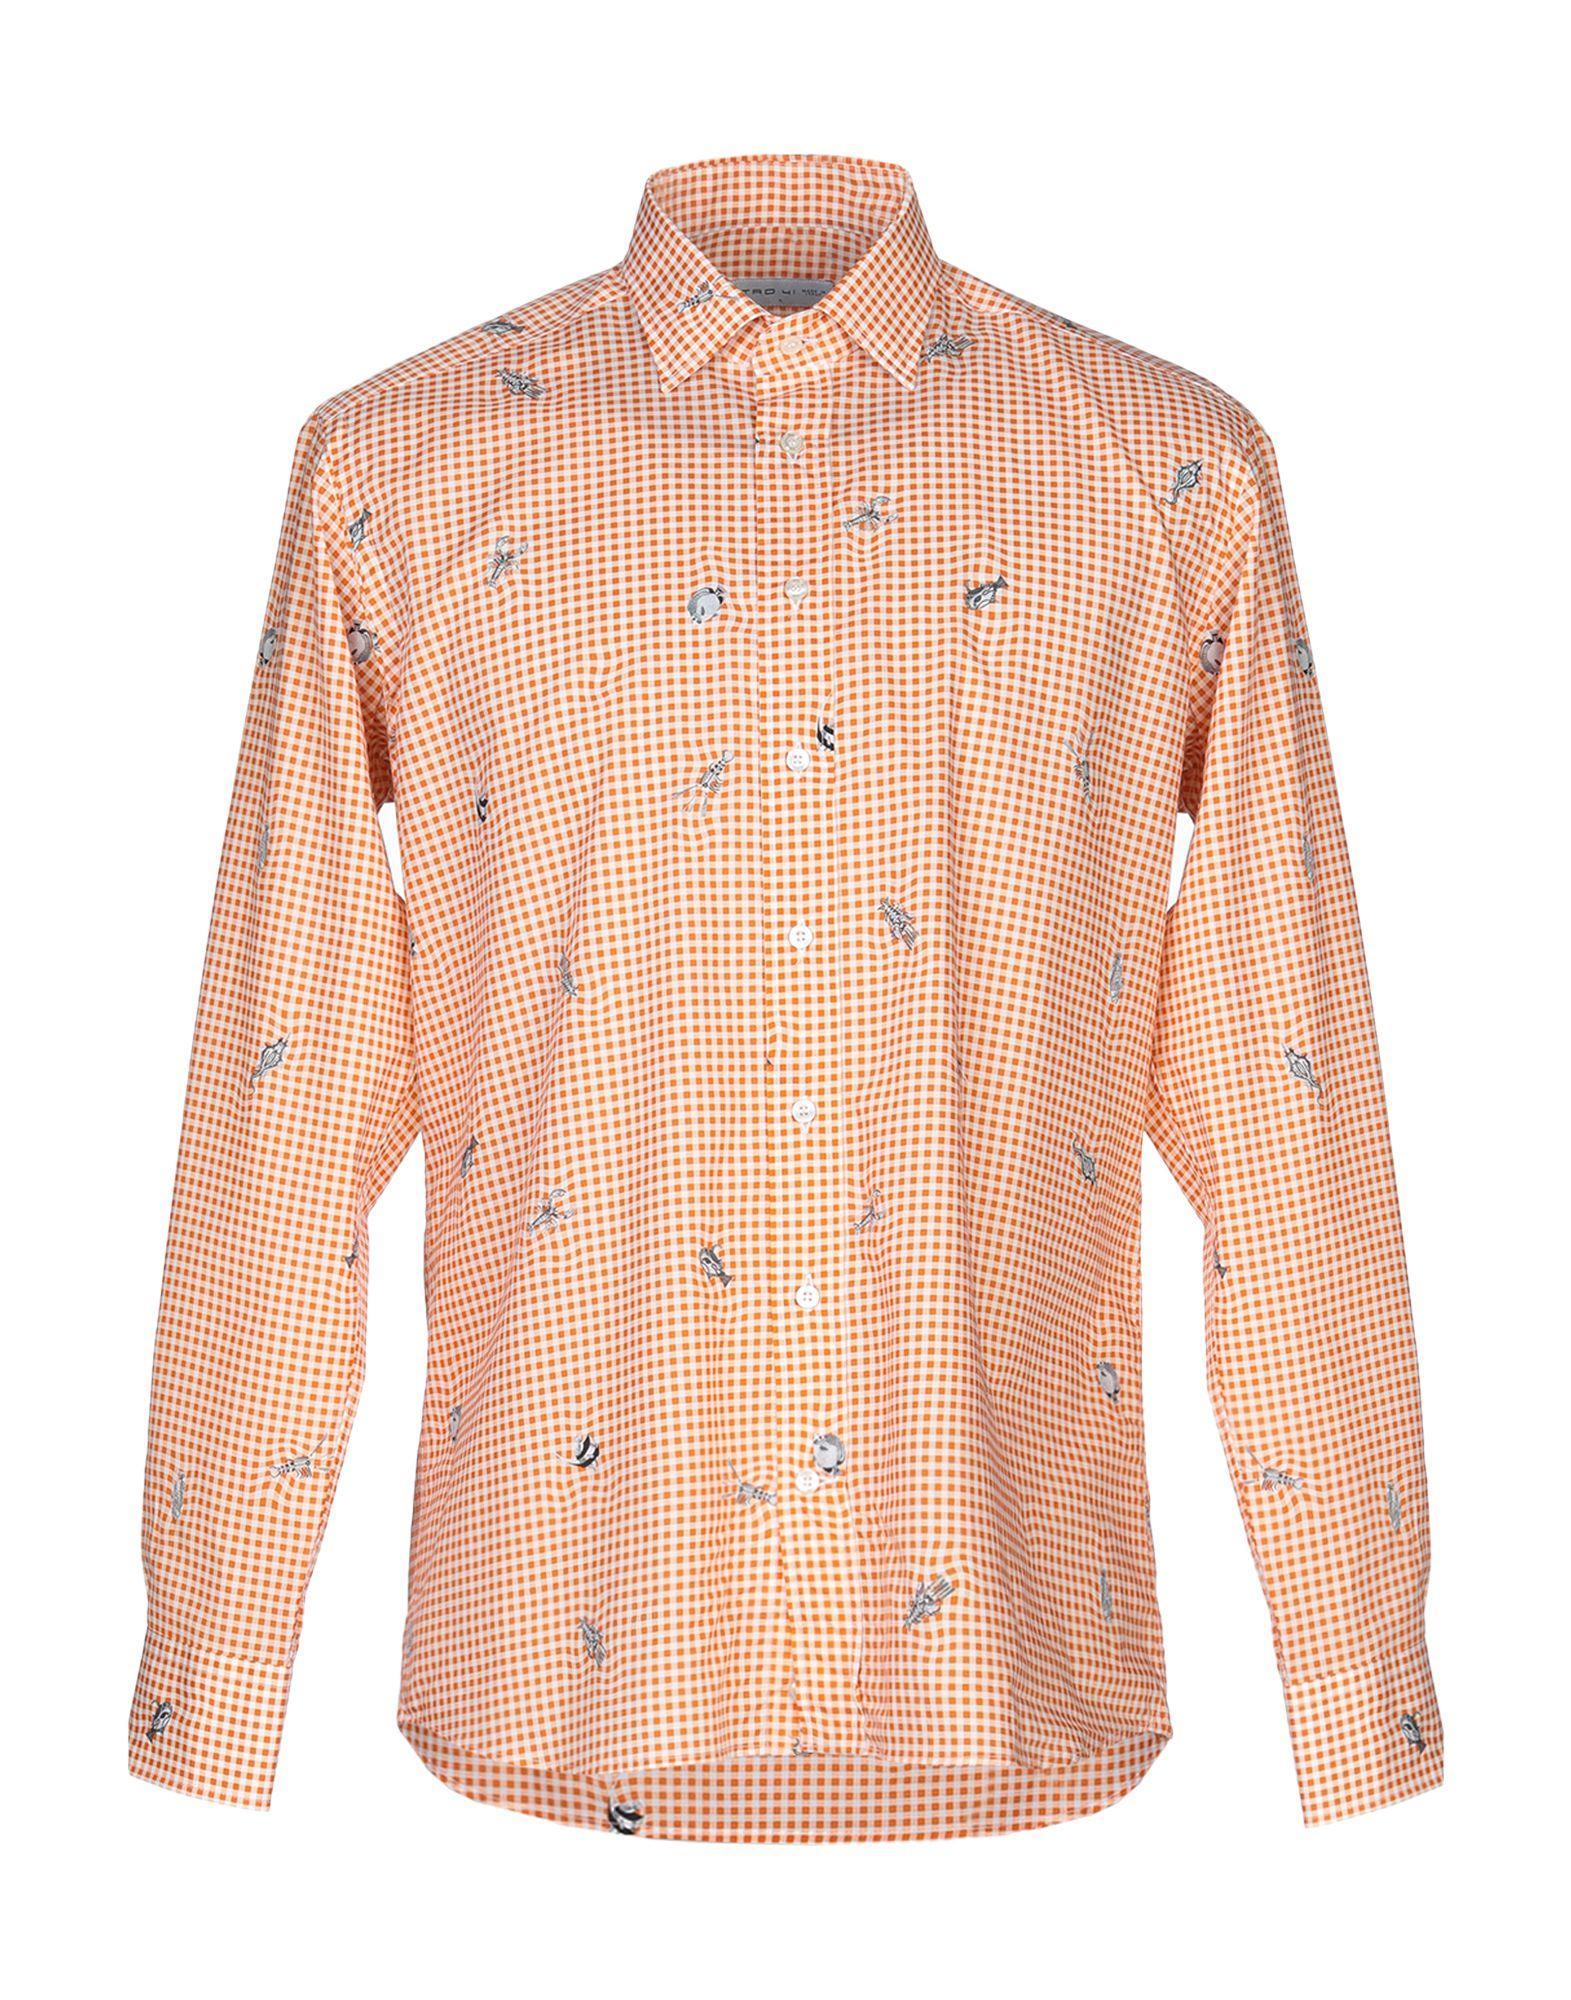 《送料無料》ETRO メンズ シャツ オレンジ 41 コットン 100%